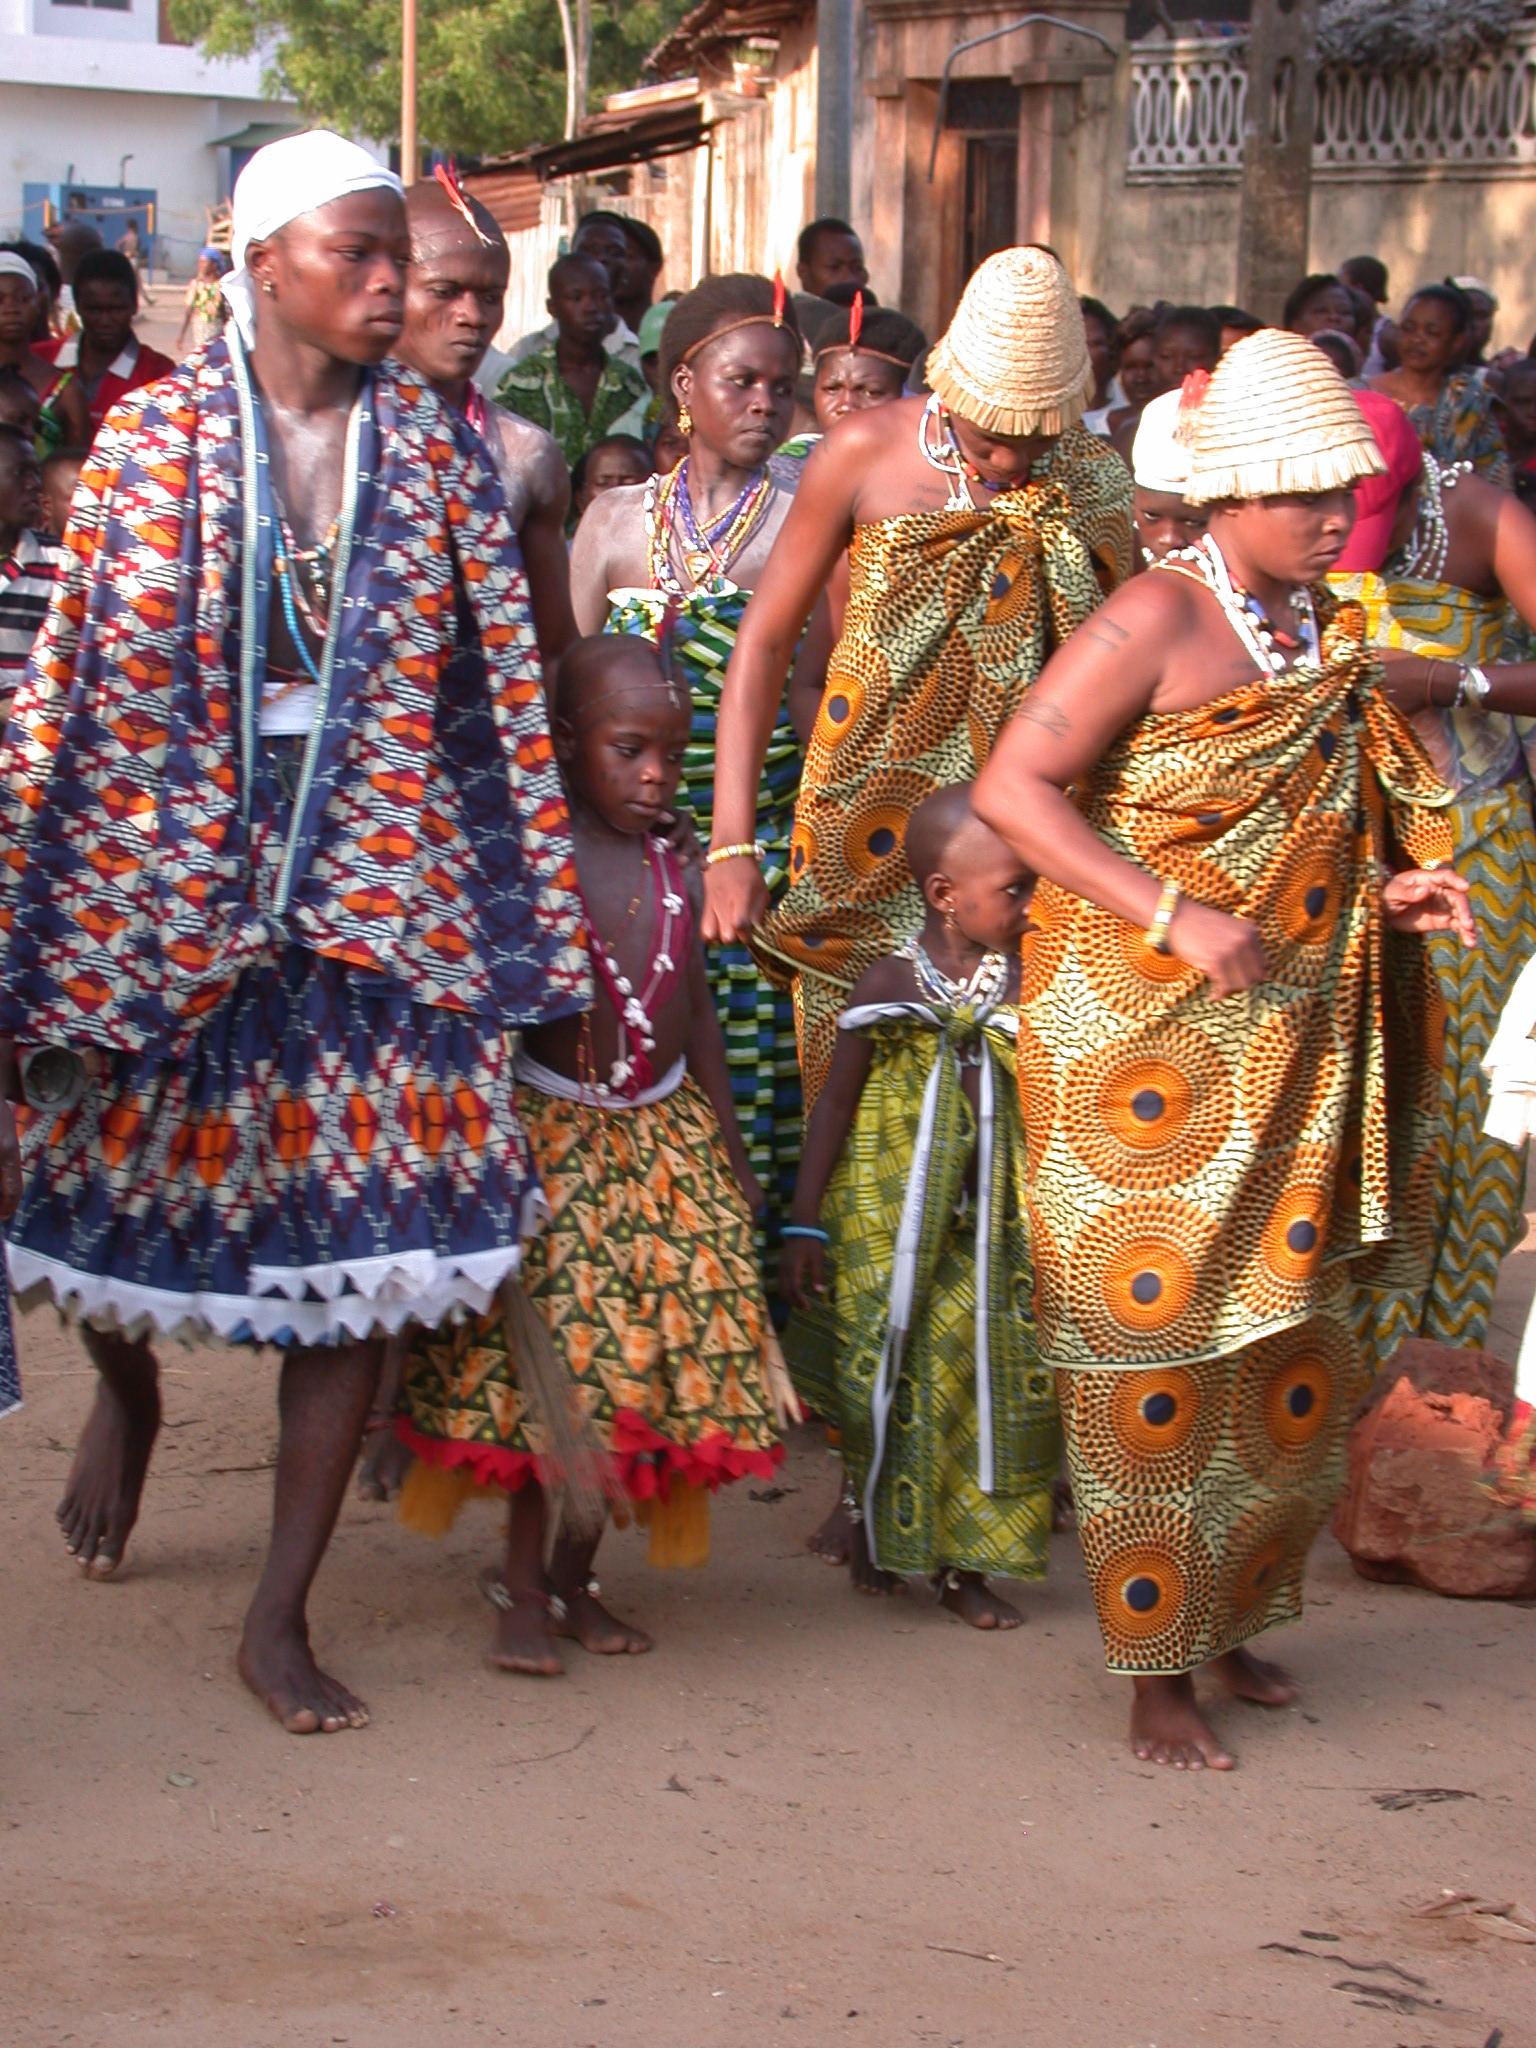 Devotees Dancing, Vodun Ritual, Ouidah, Benin